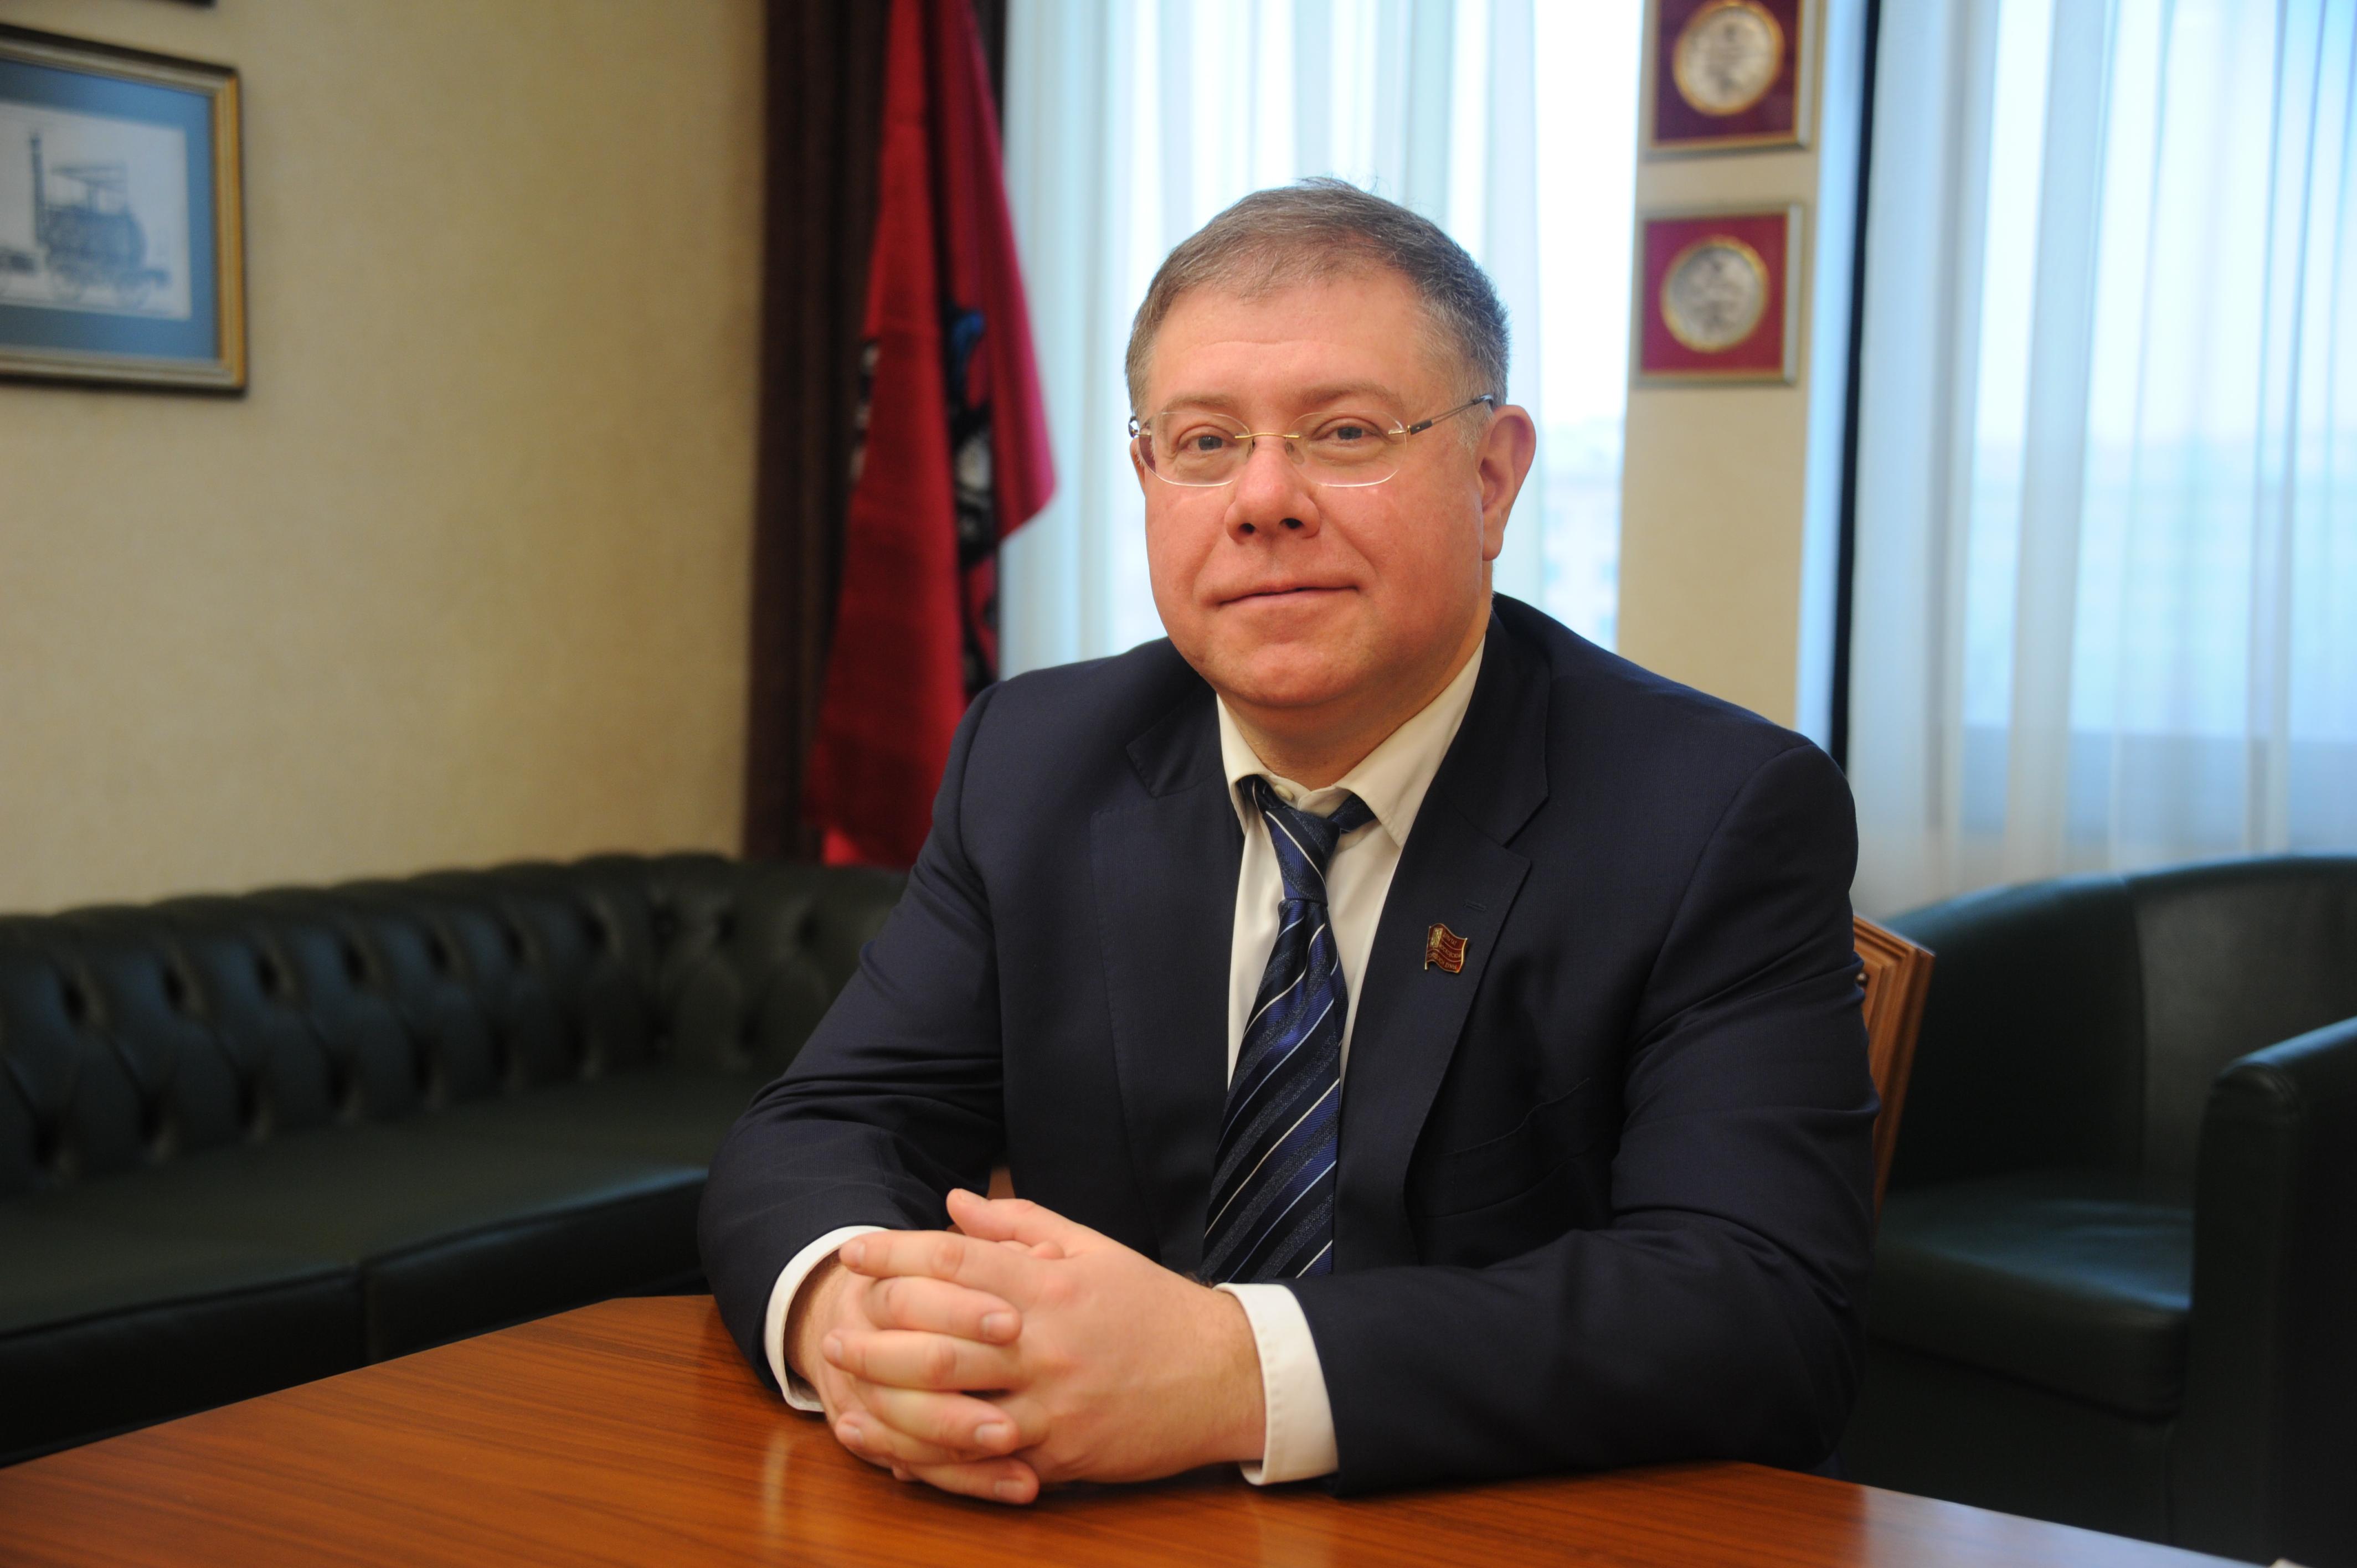 Депутат МГД Степан Орлов: Эффективная работа Стройкомплекса улучшила транспортную доступность столицы